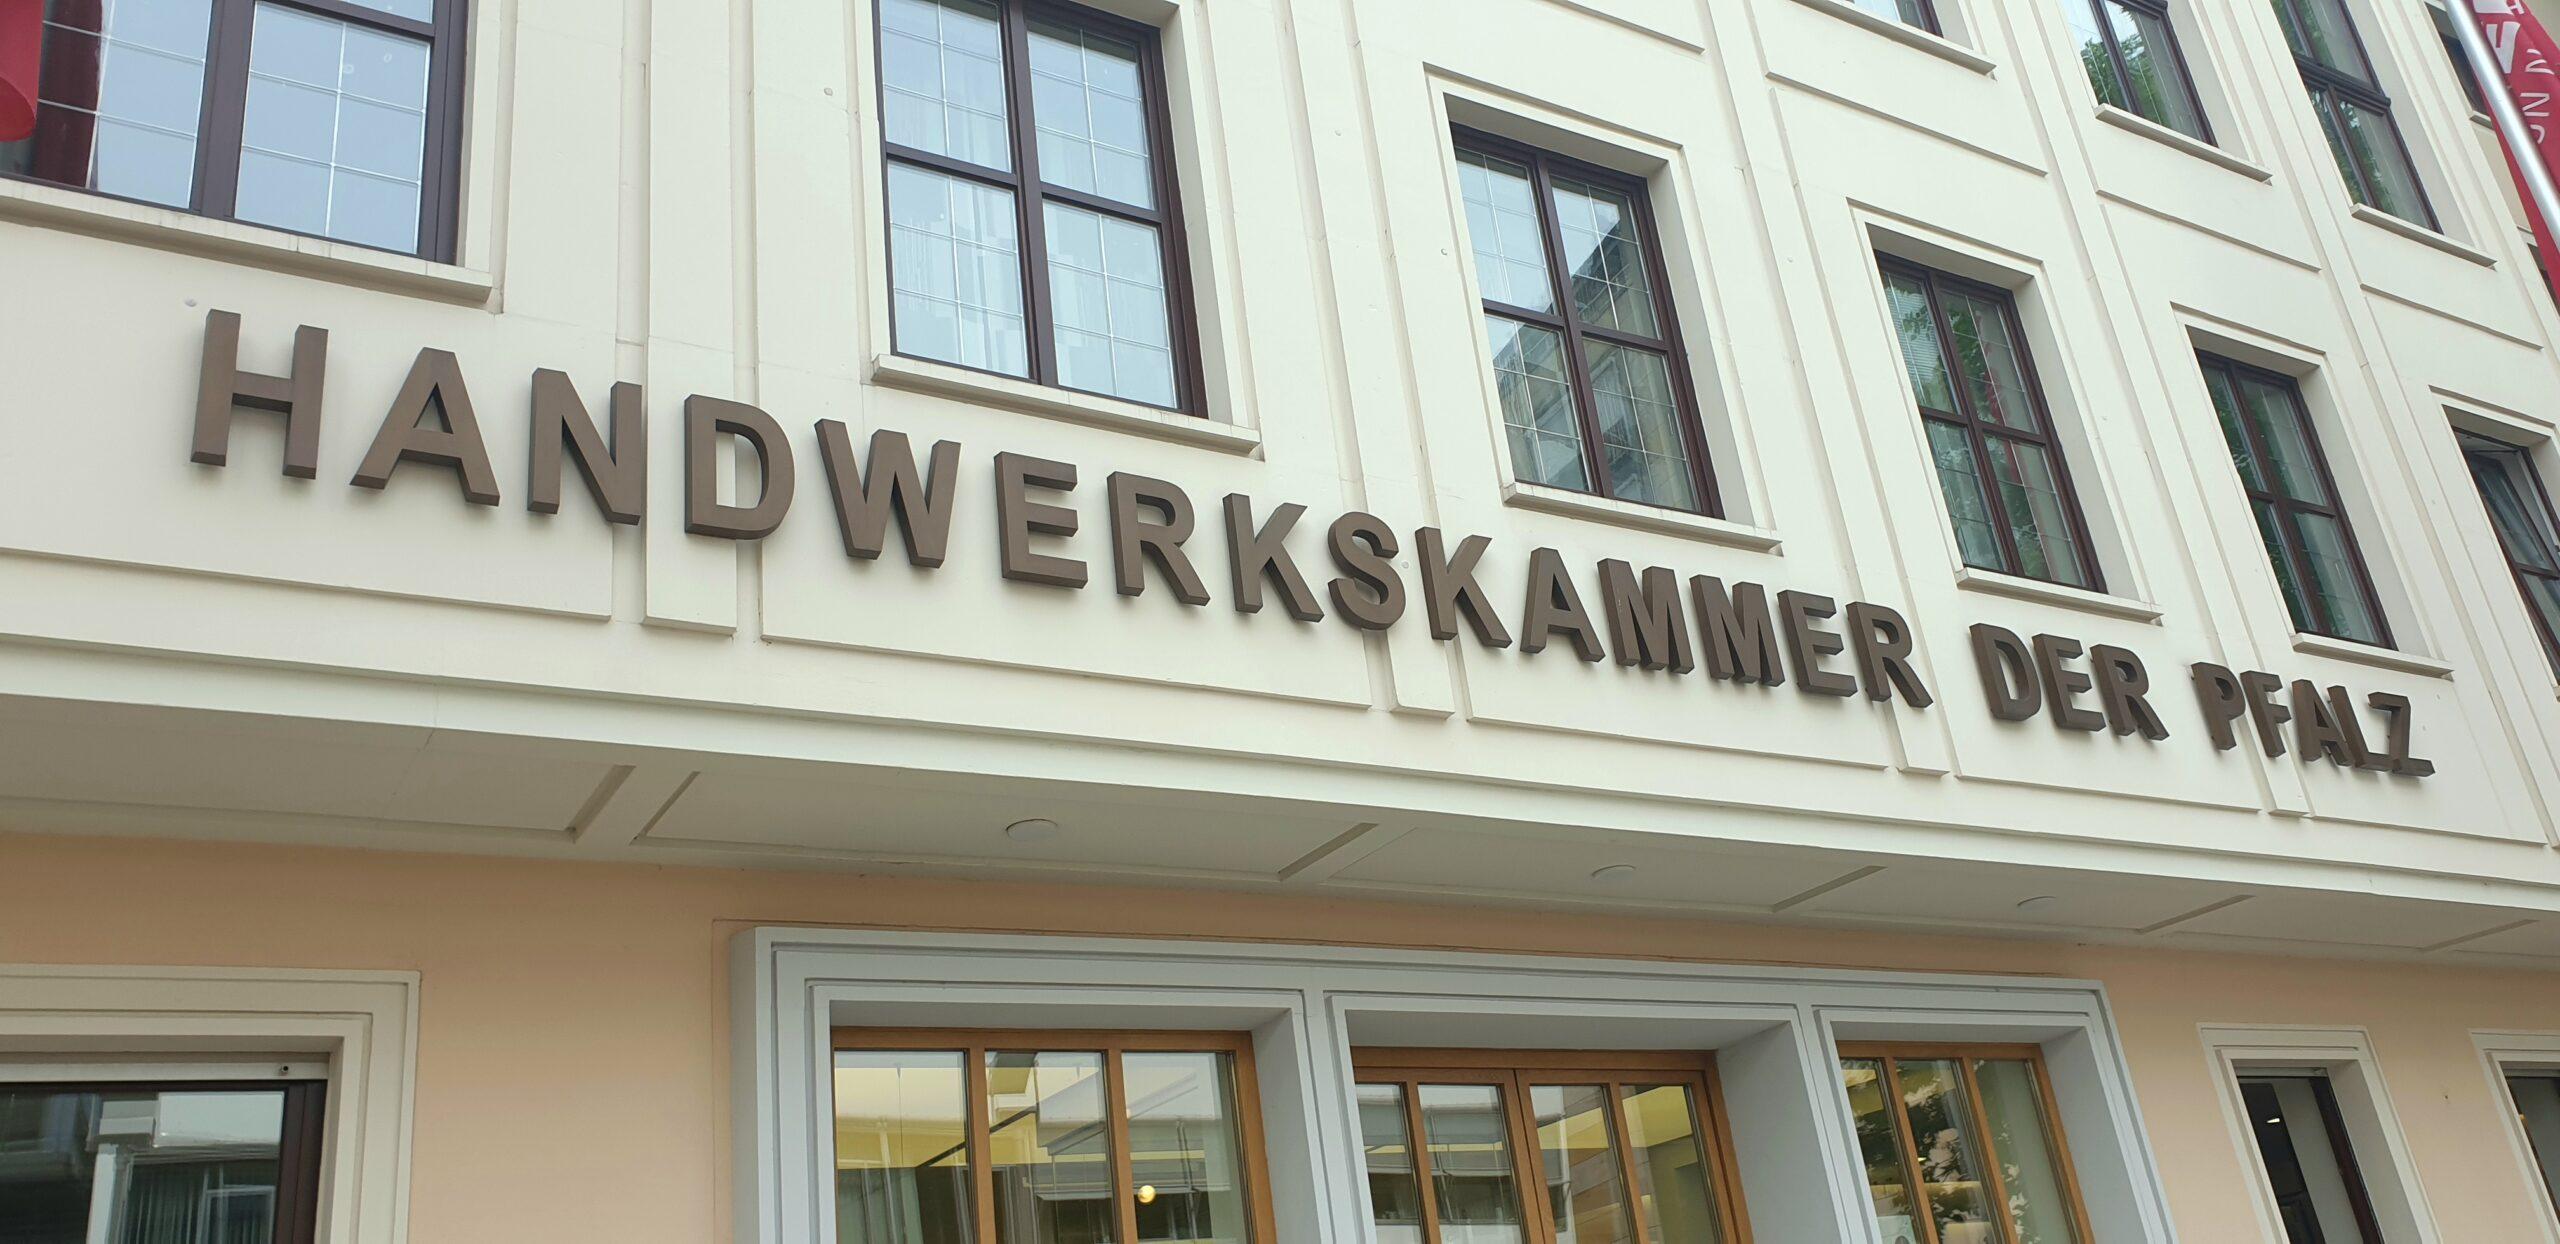 Handwerkskammer erhält fast 1 Million Euro Förderzusage vom Bund und schnürt Digitalpaket für ihre Bildungszentren